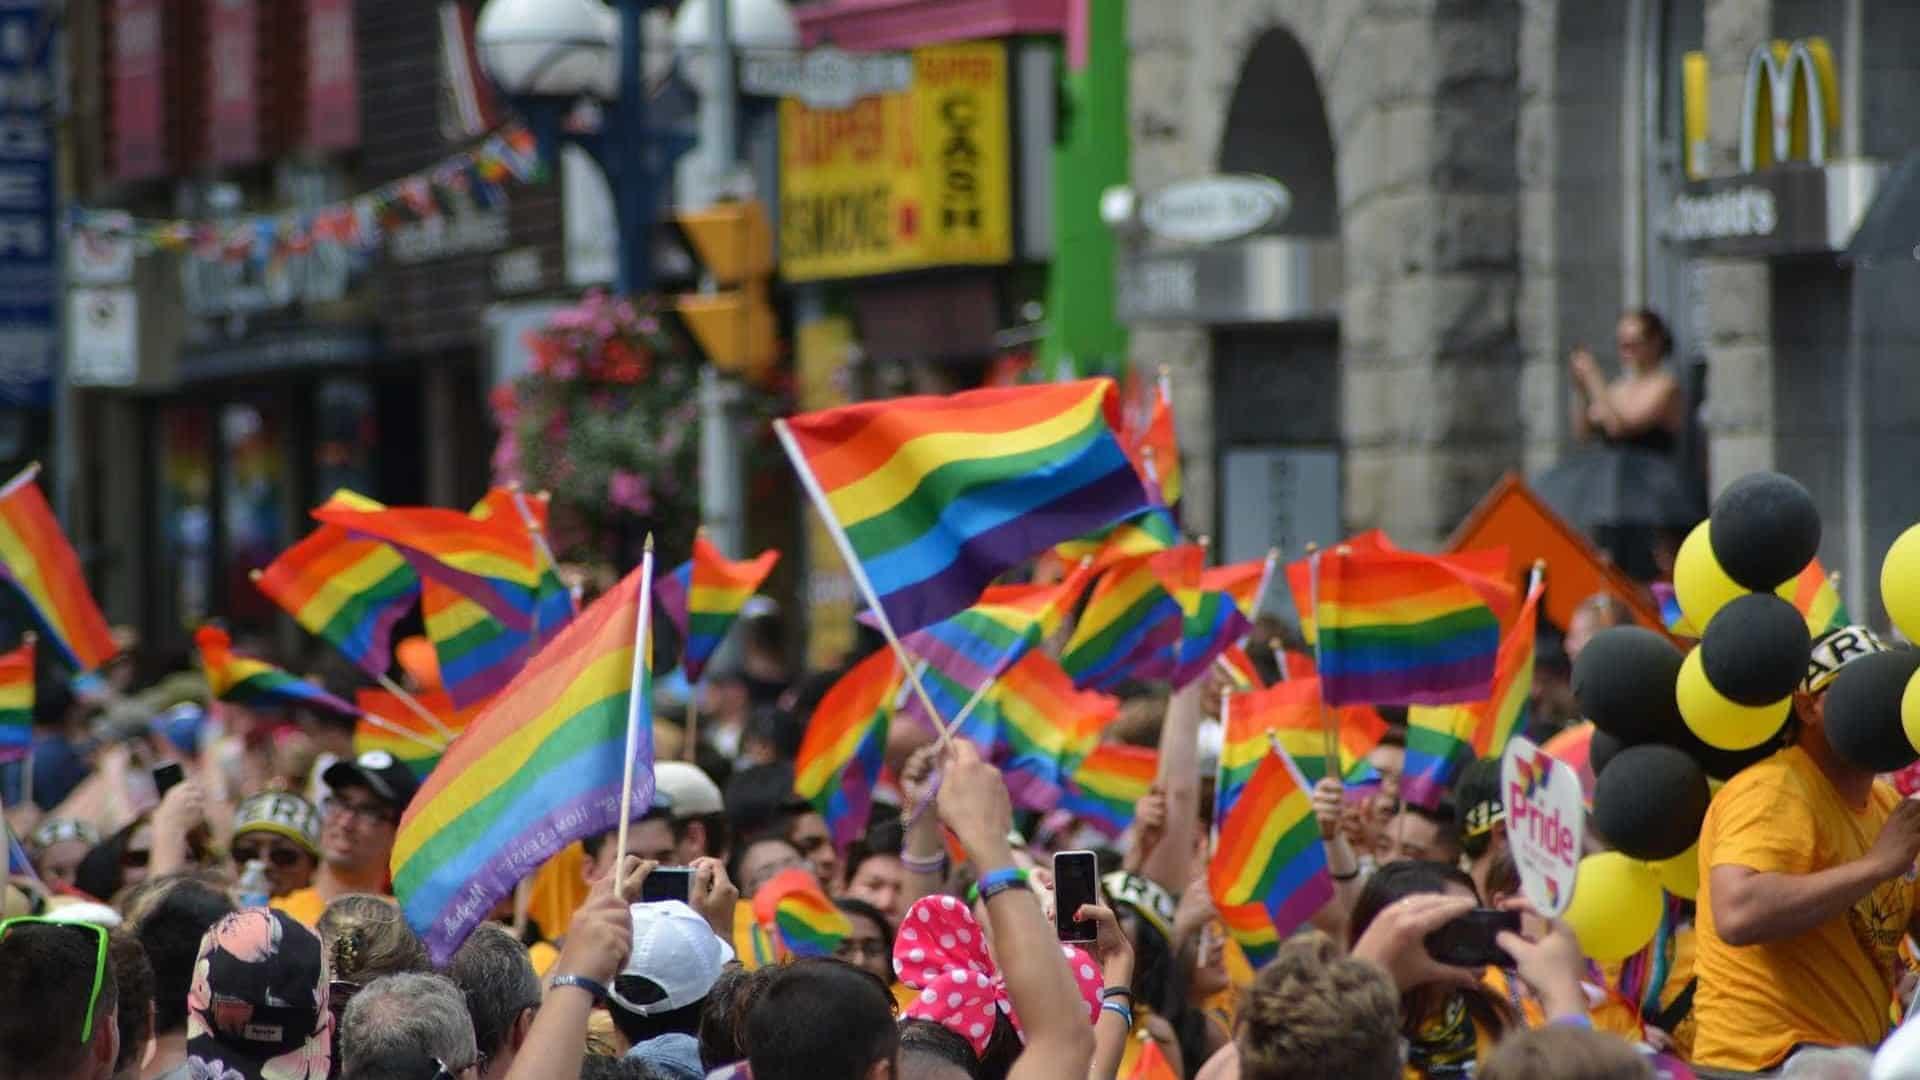 Setor de serviços treina equipes para atender bem o público LGBT